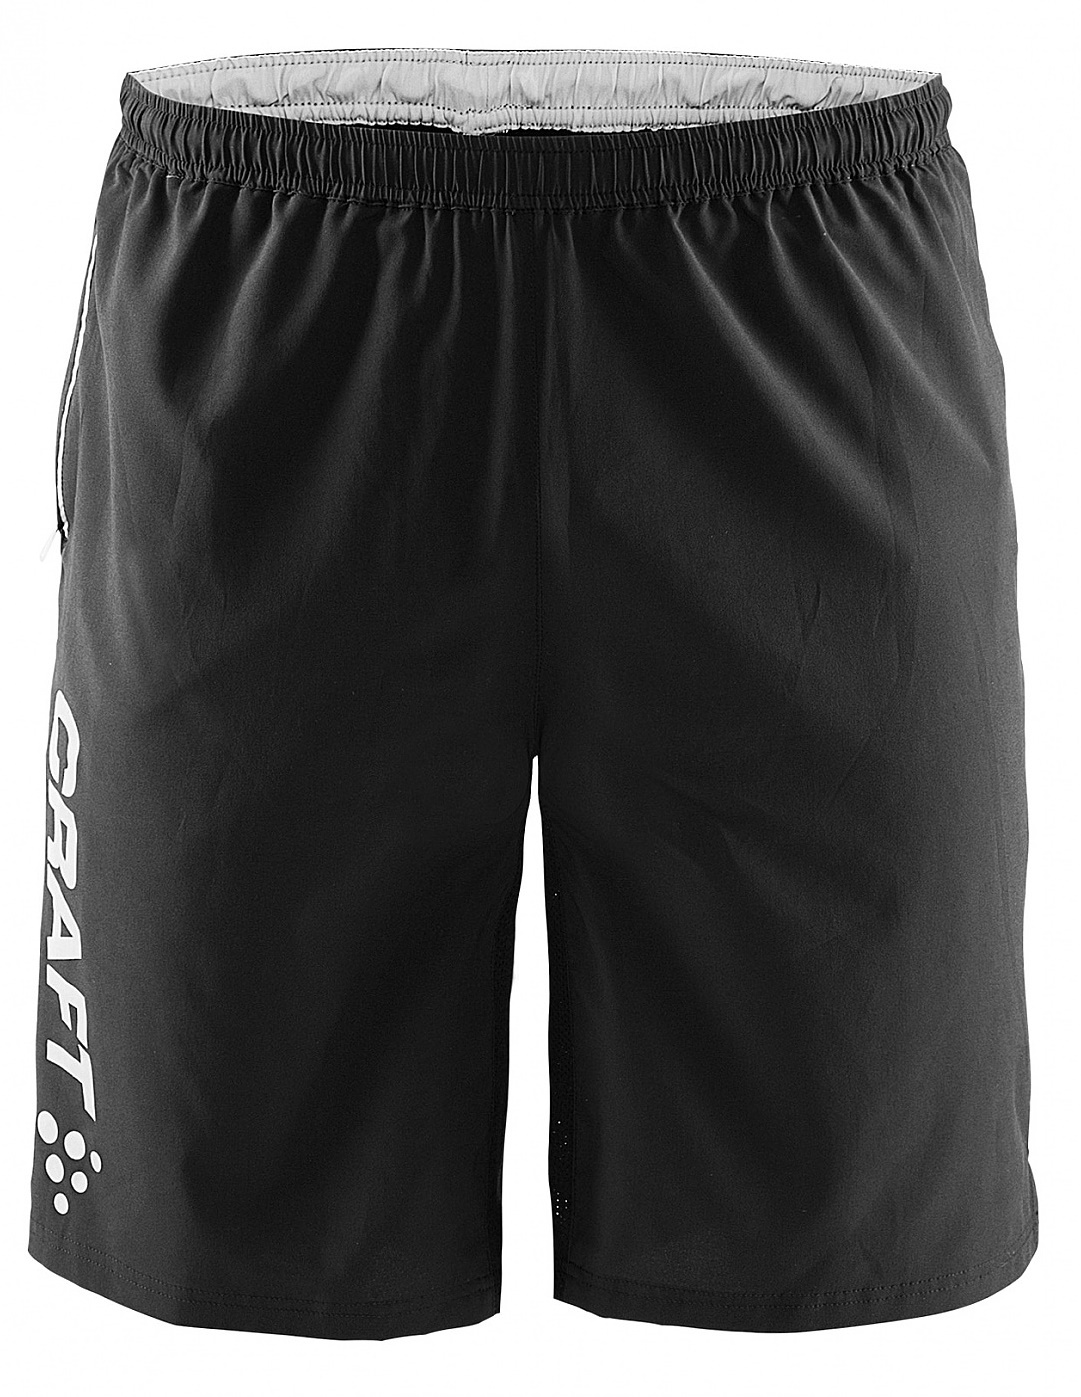 Мужские шорты Craft Training Precise (1903336-9926) черный